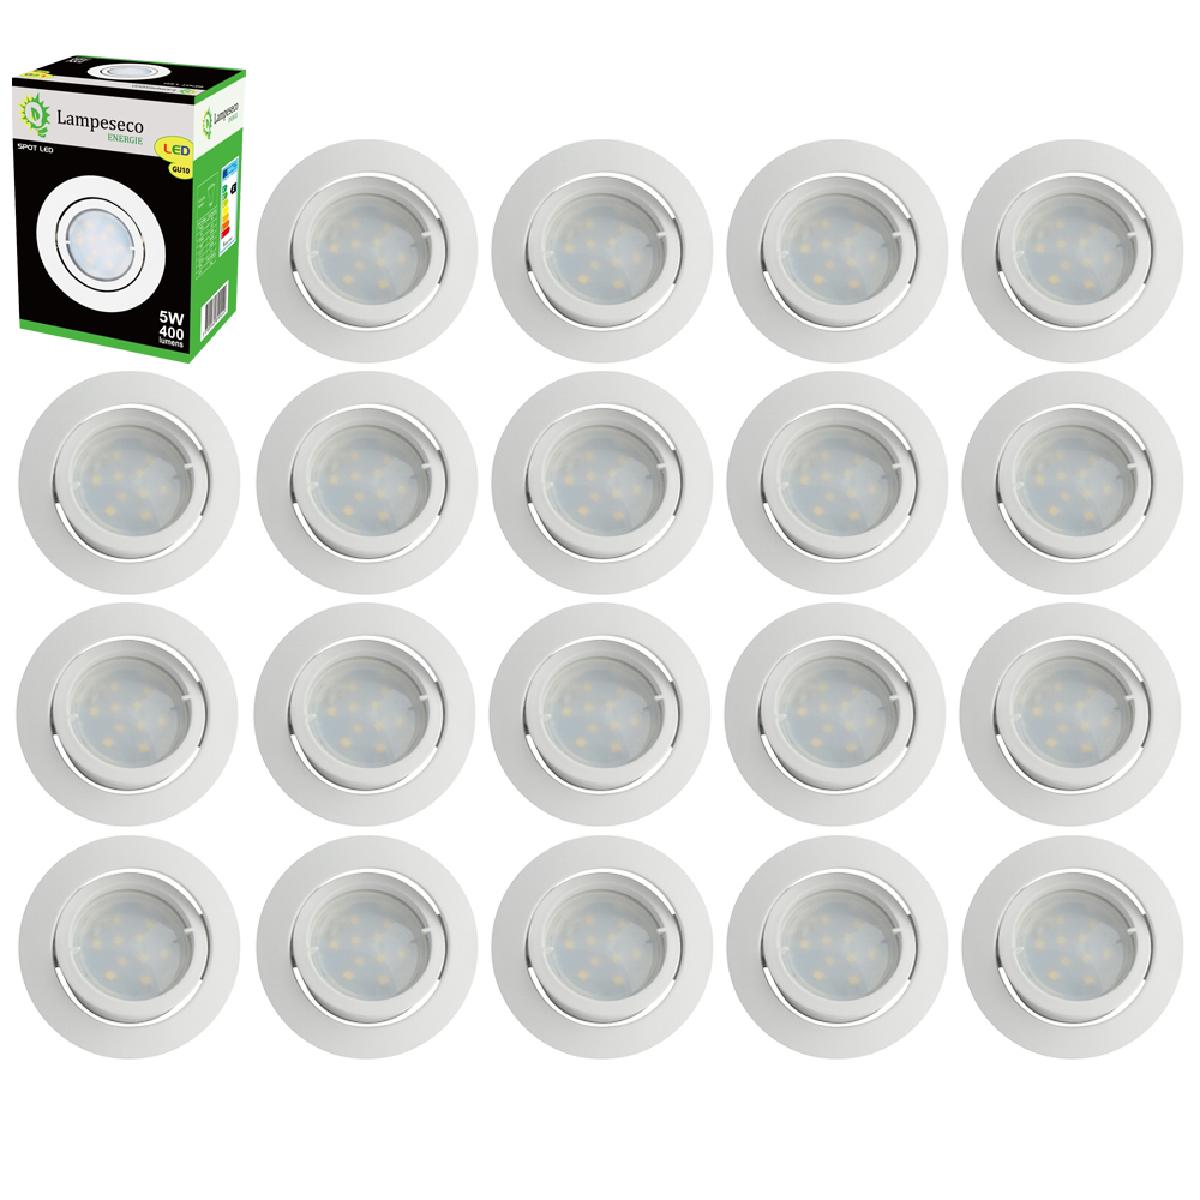 Eurobryte Lot de 20 Spot Led Encastrable Complete Blanc Orientable lumière Blanc Chaud eq. 50W ref.193